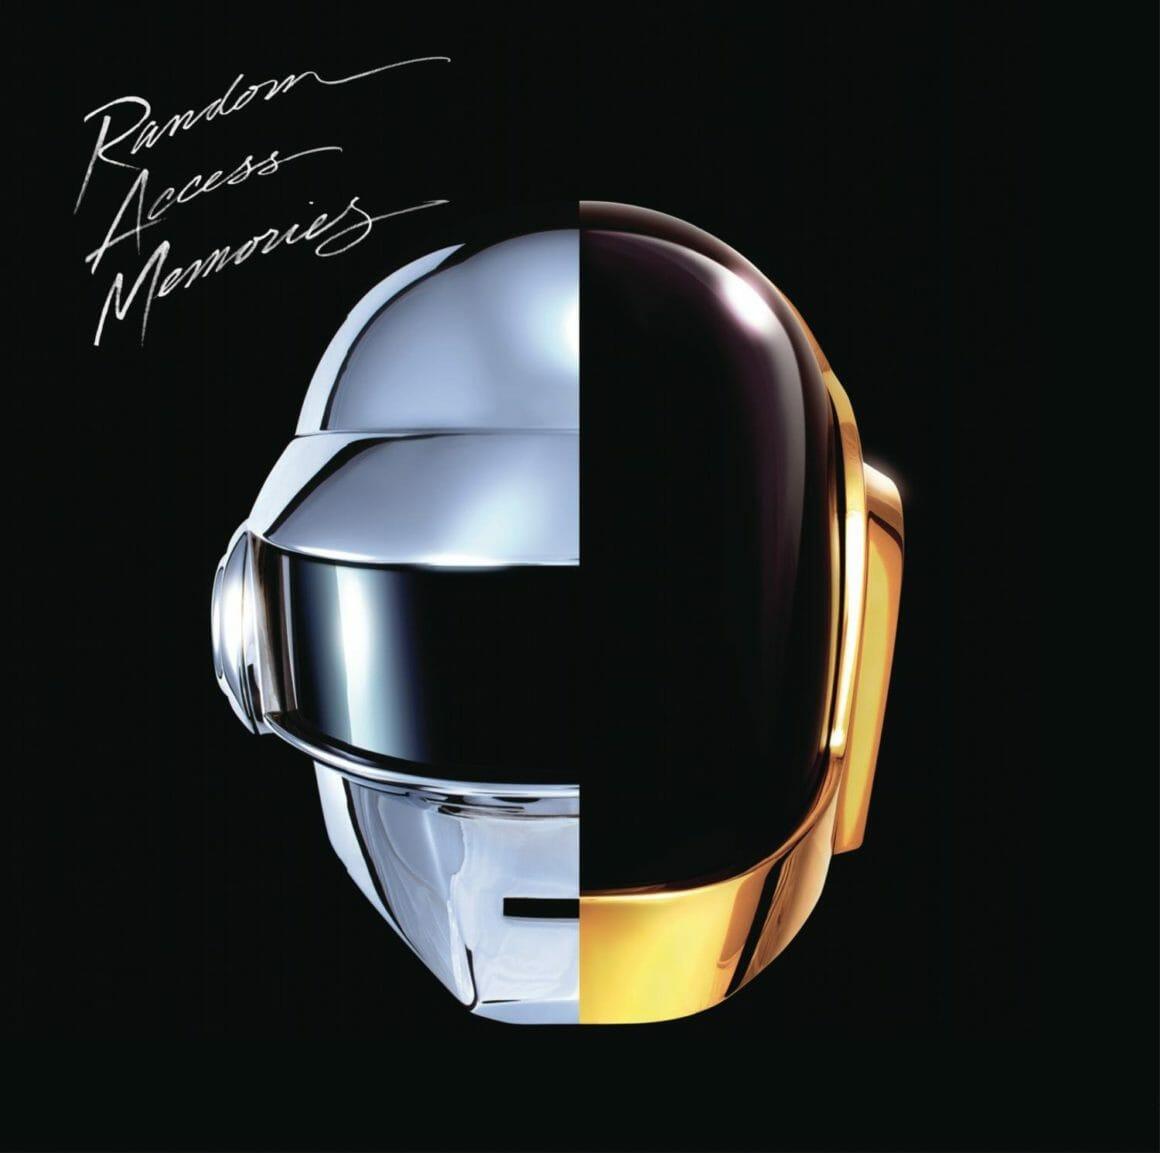 Random Access Memories Daft Punk